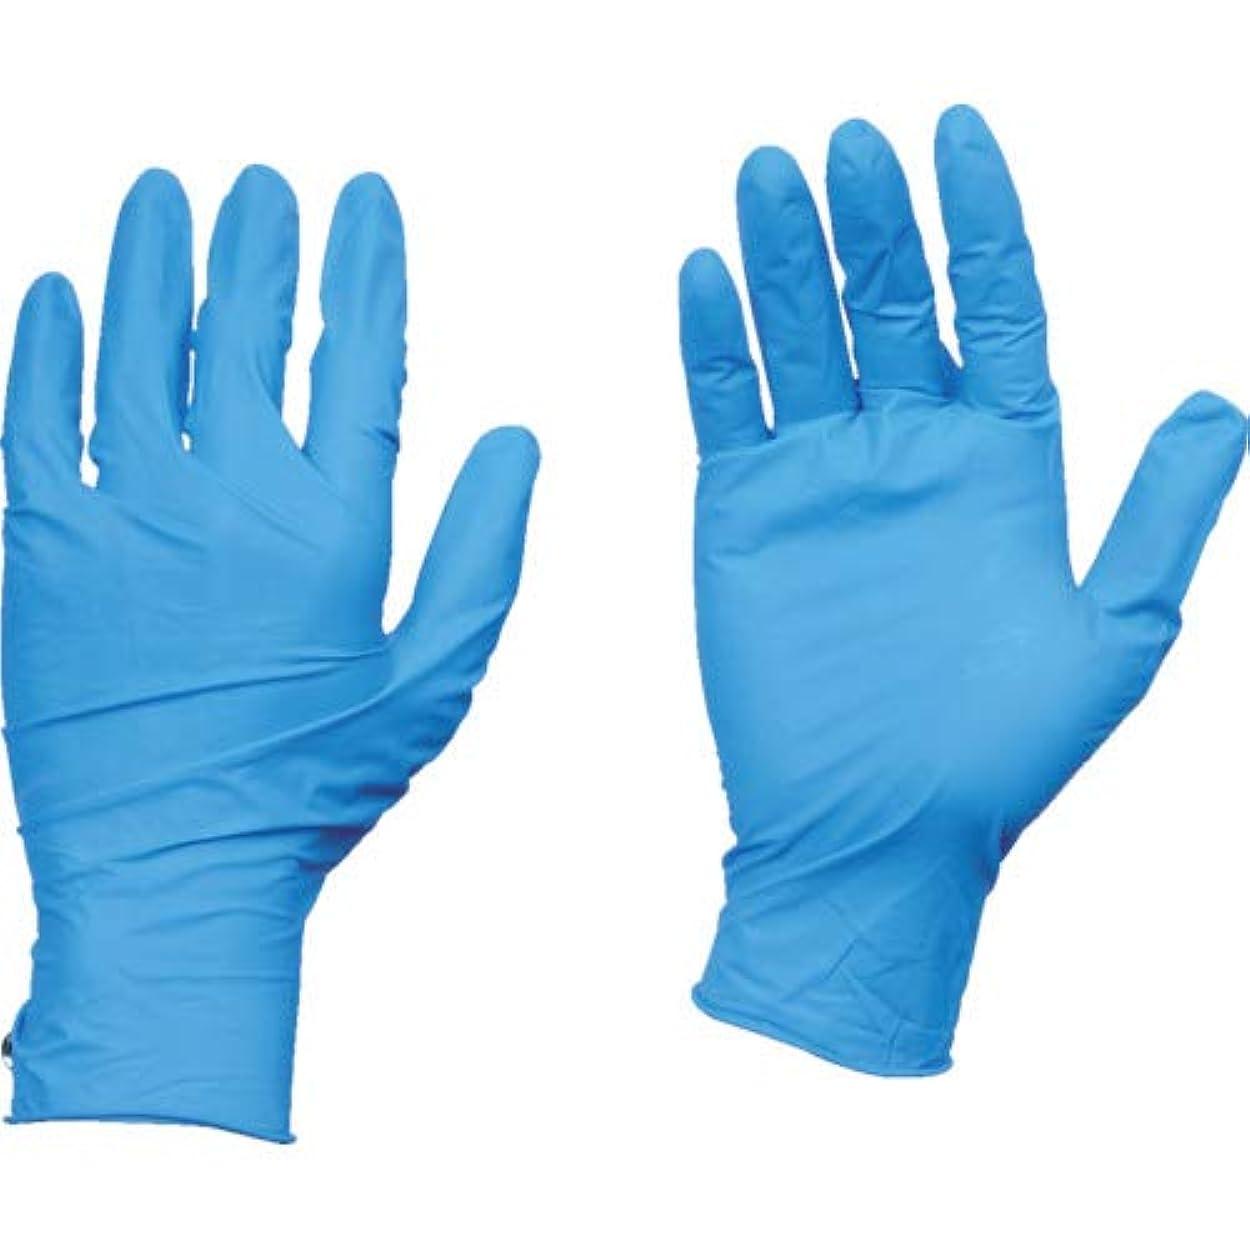 メカニック砂シリーズTRUSCO(トラスコ) 10箱入り 使い捨て天然ゴム手袋TGワーク 0.10 粉付青M TGPL10BM10C